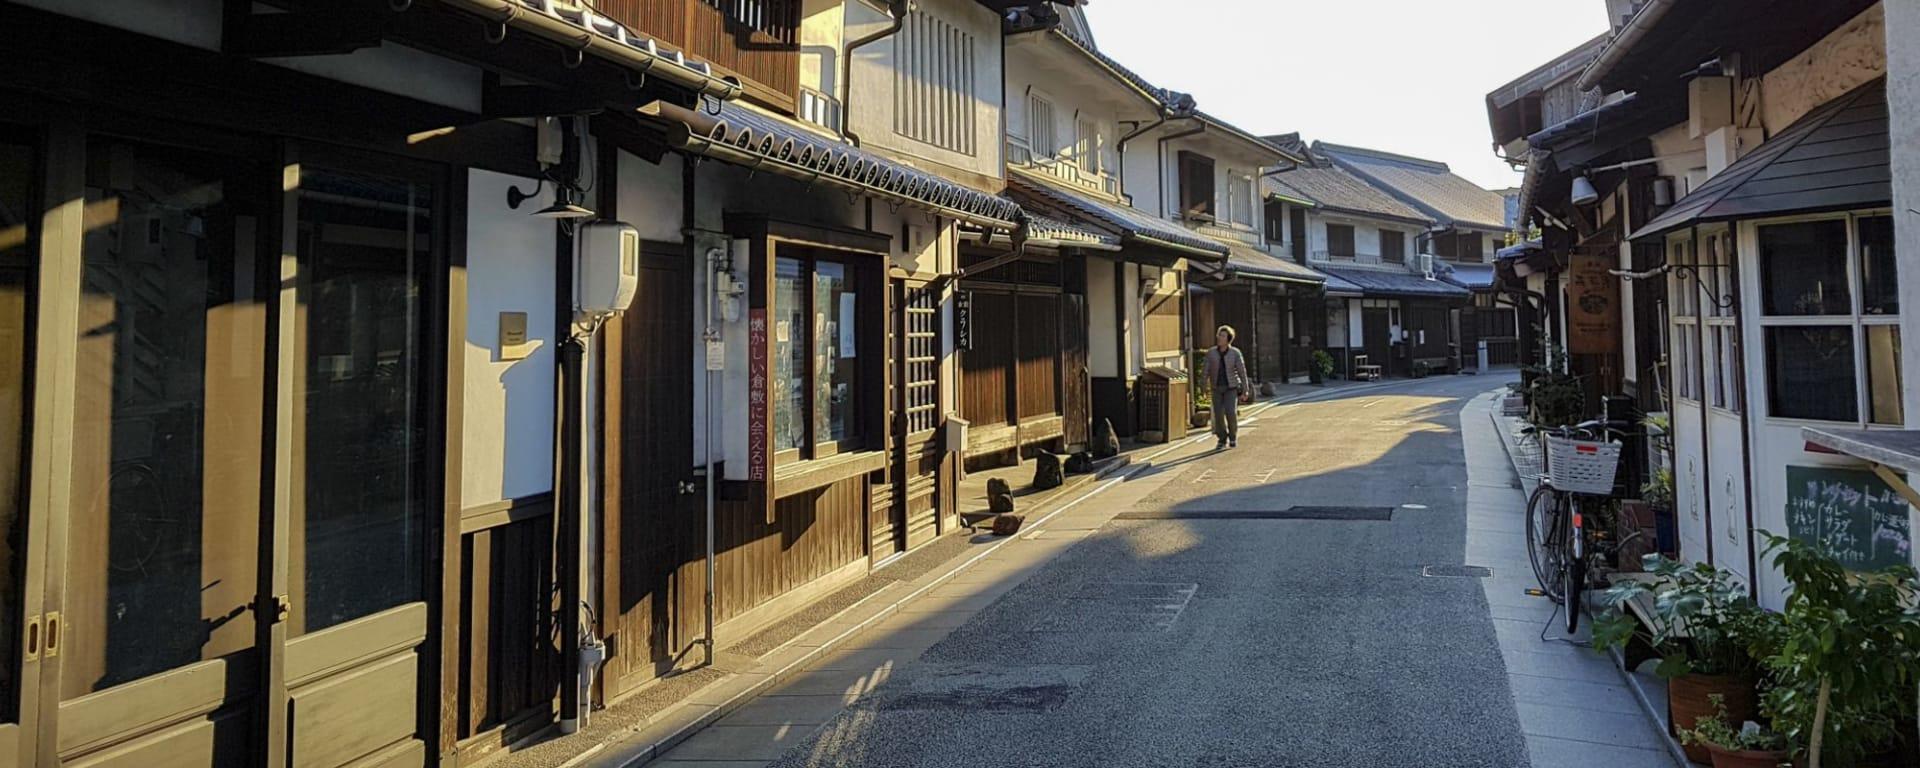 Kurashiki - Japans Traditionen hautnah erleben ab Okayama: Kurashiki Bikan